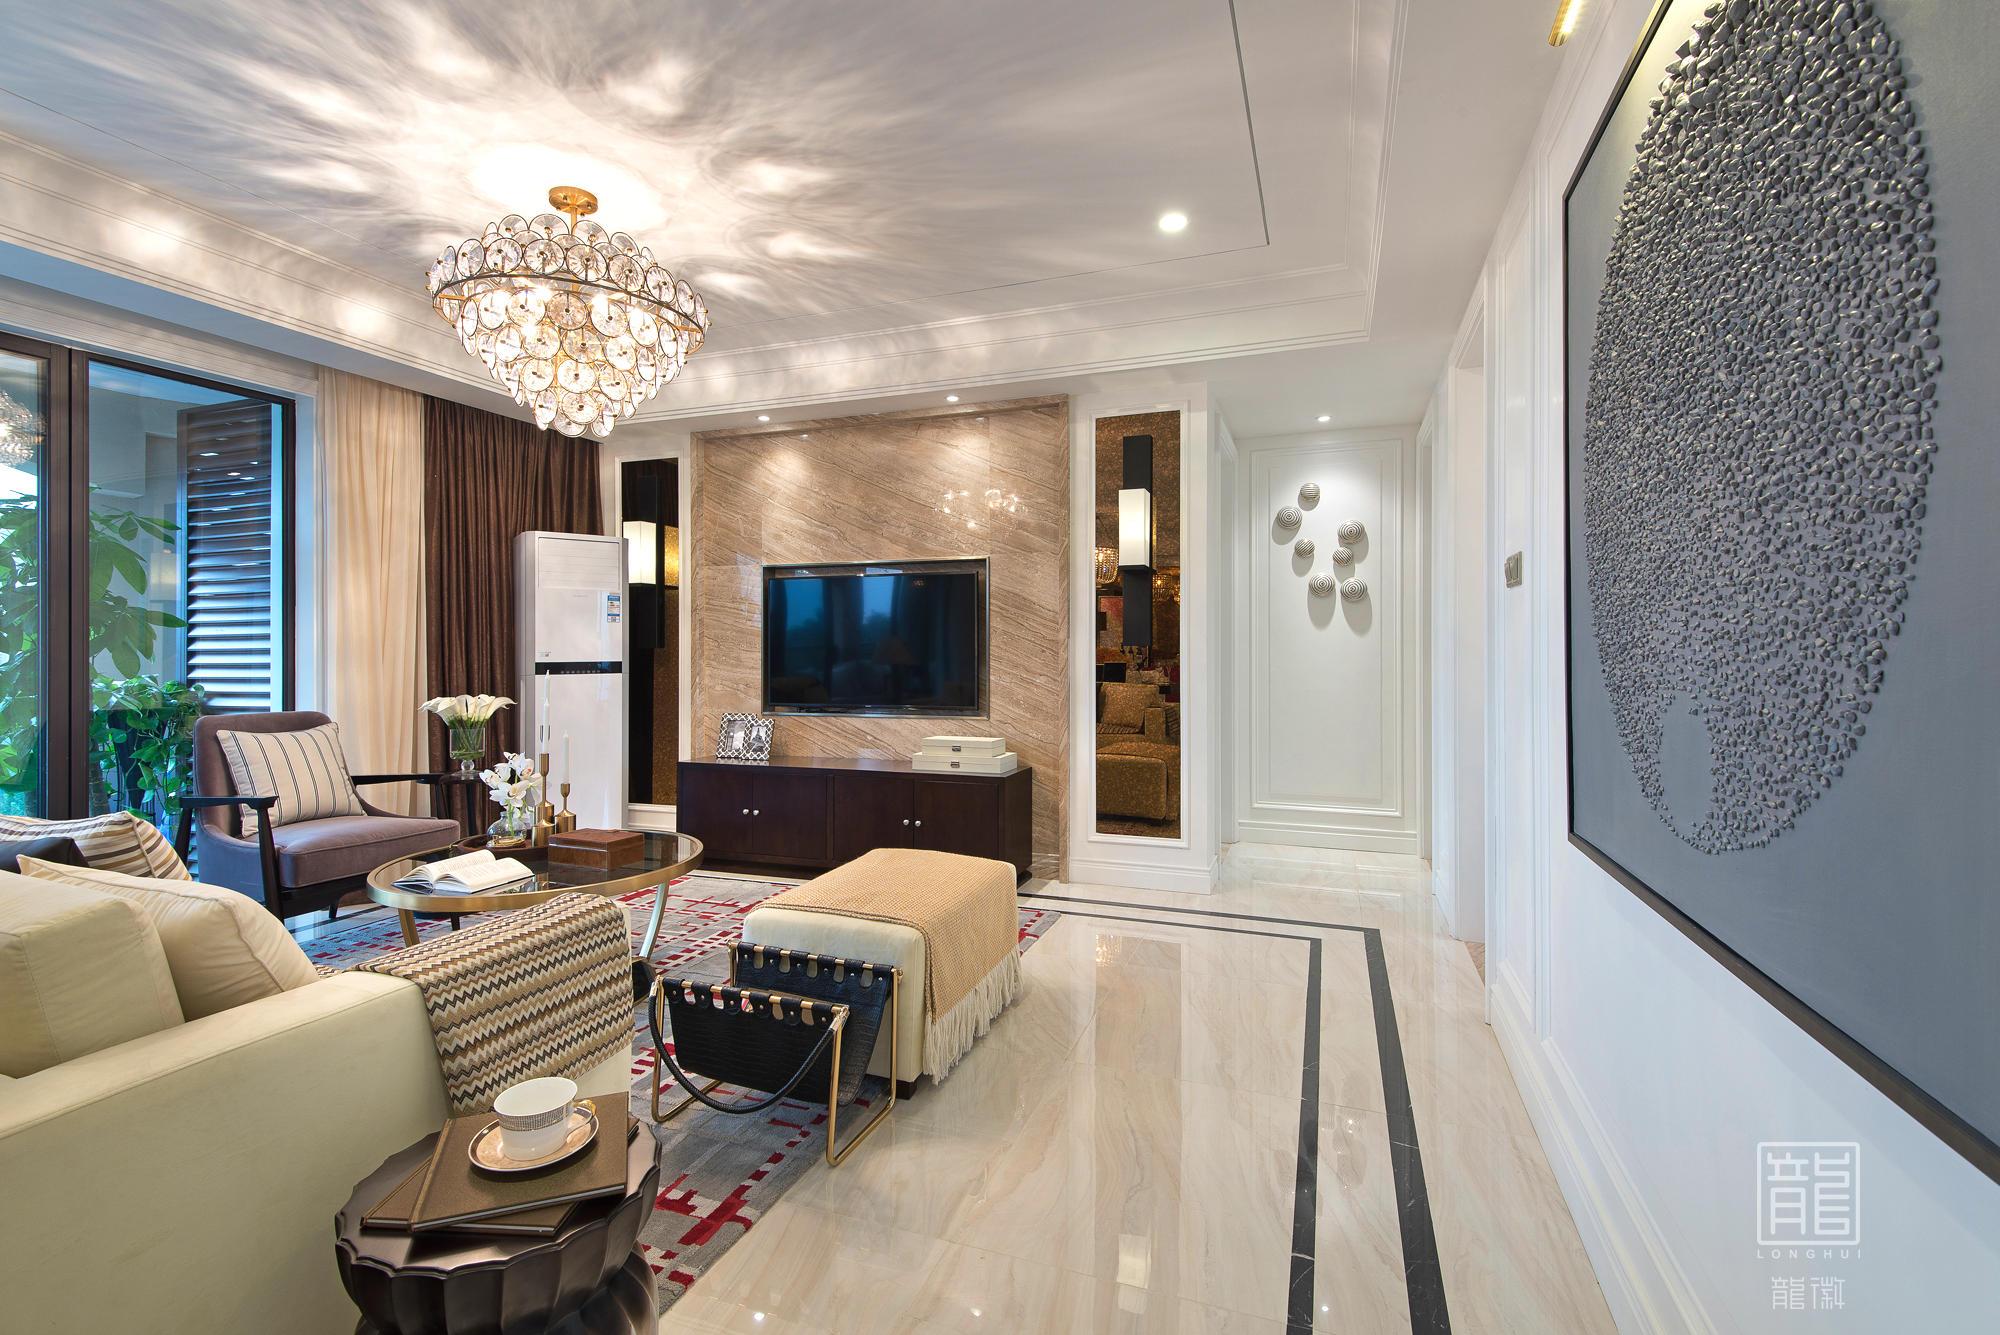 客厅图片来自龙徽设计在风华内敛的摩登绅士的分享